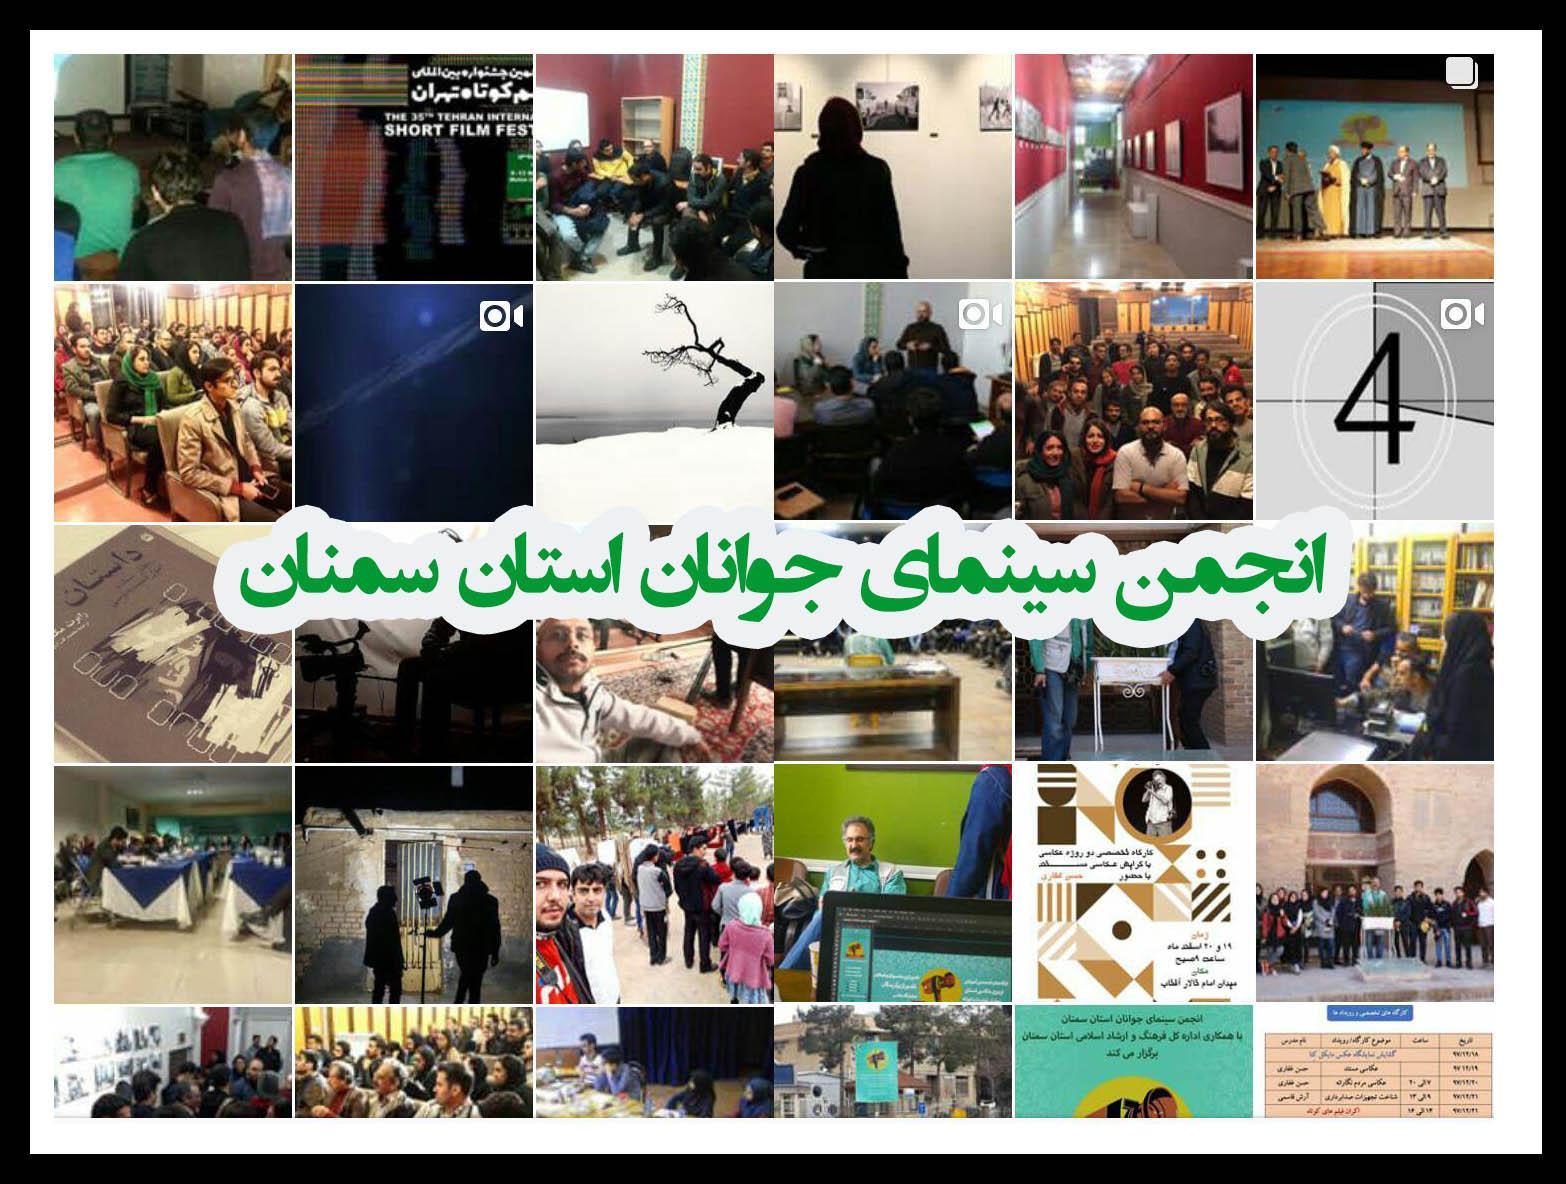 گزارش فعالیتهای انجمن سینمای جوانان استان سمنان در سال ۹۷